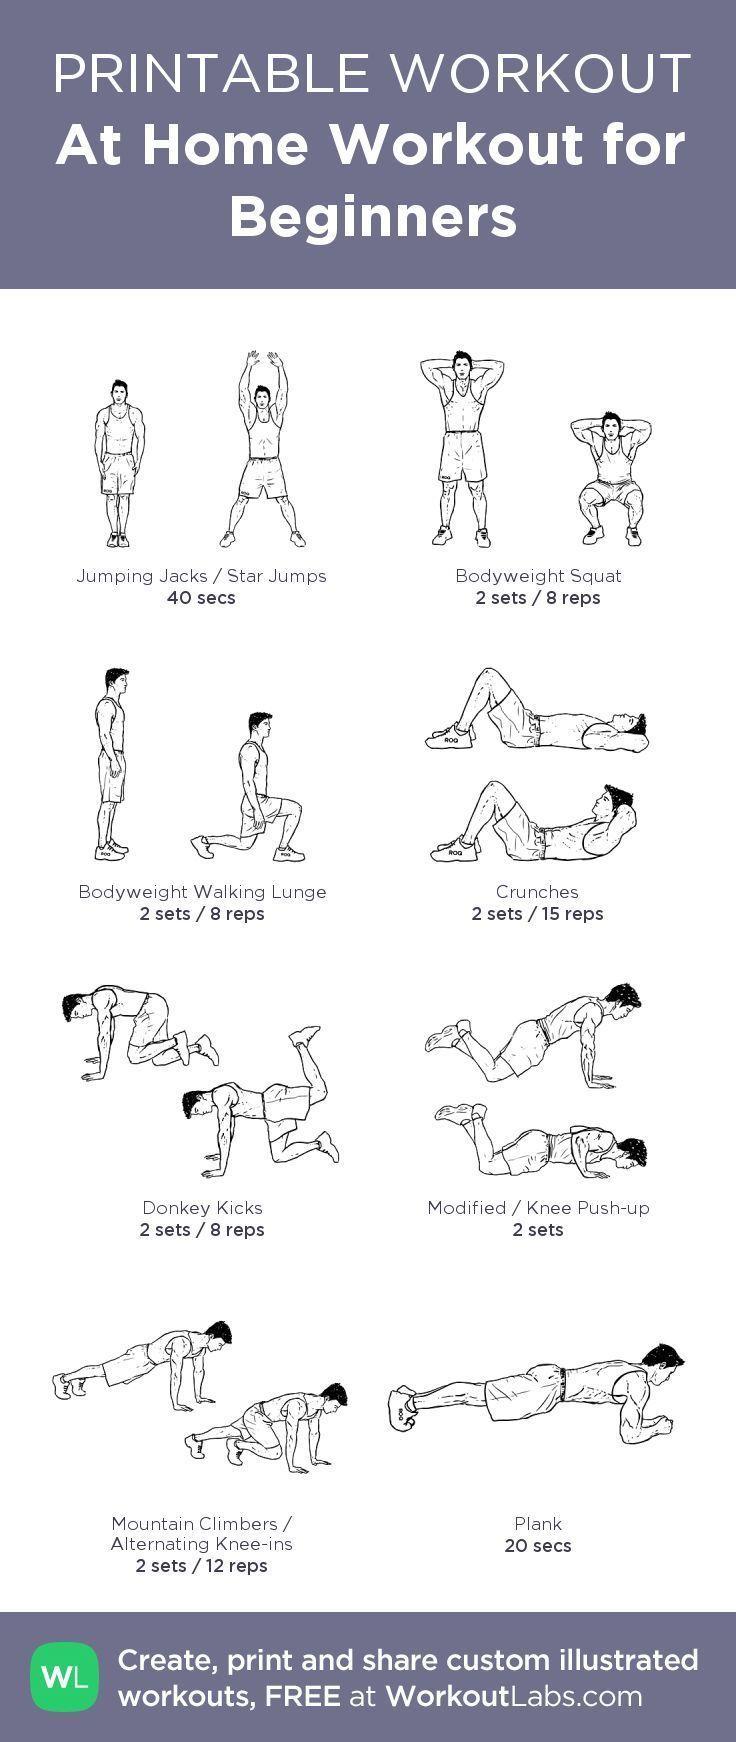 25 + › Workout für Anfänger zu Hause – Mein individuelles Workout bei Worko